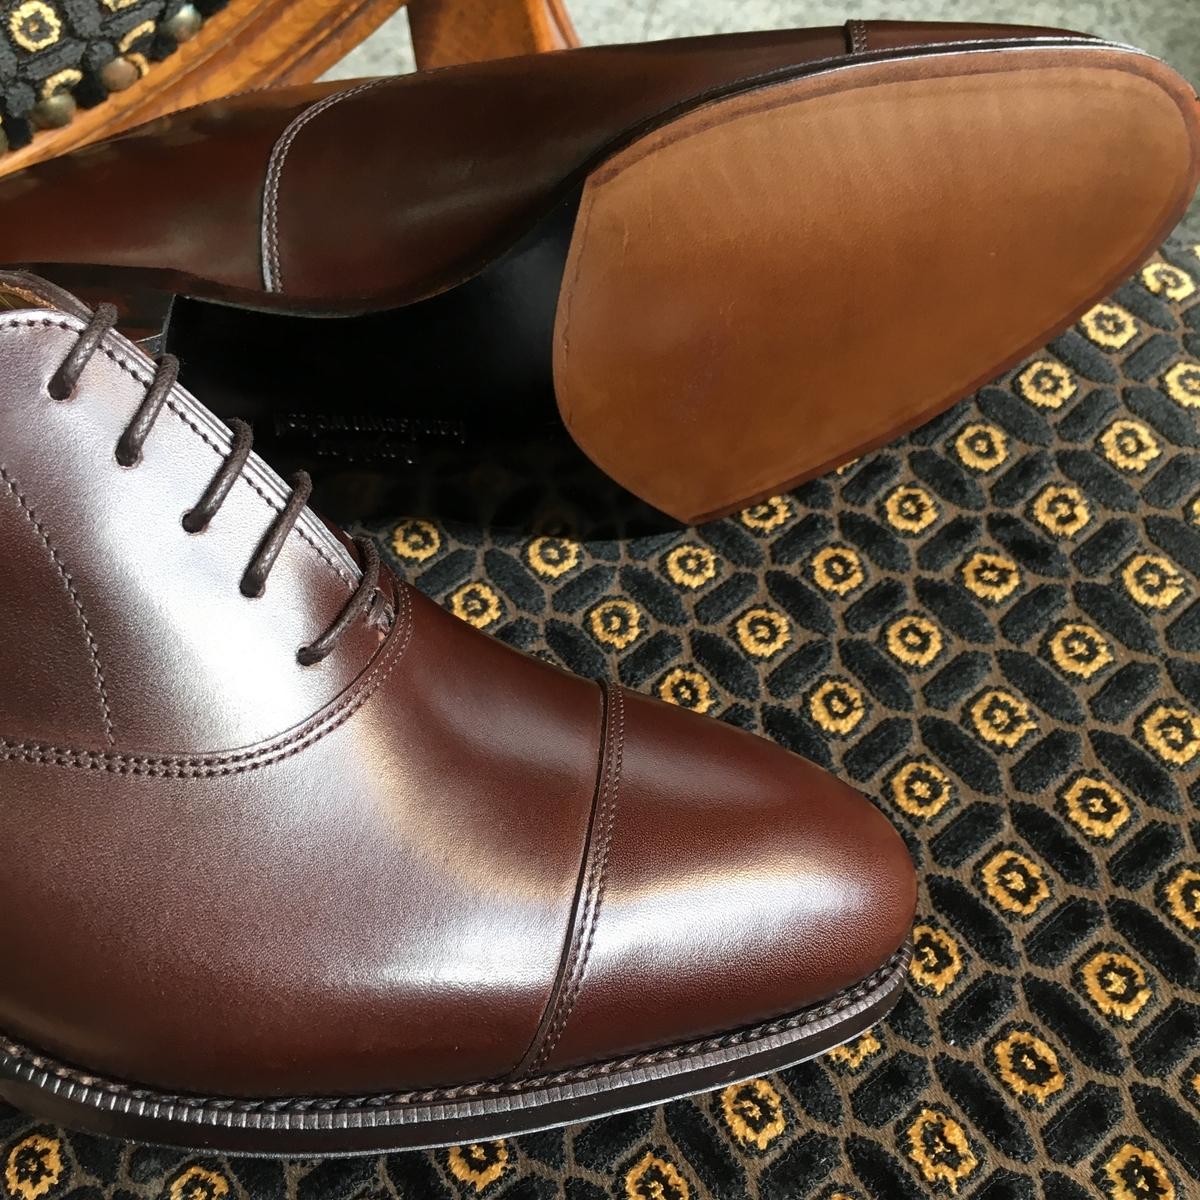 f:id:raymar-shoes:20190911173121j:plain